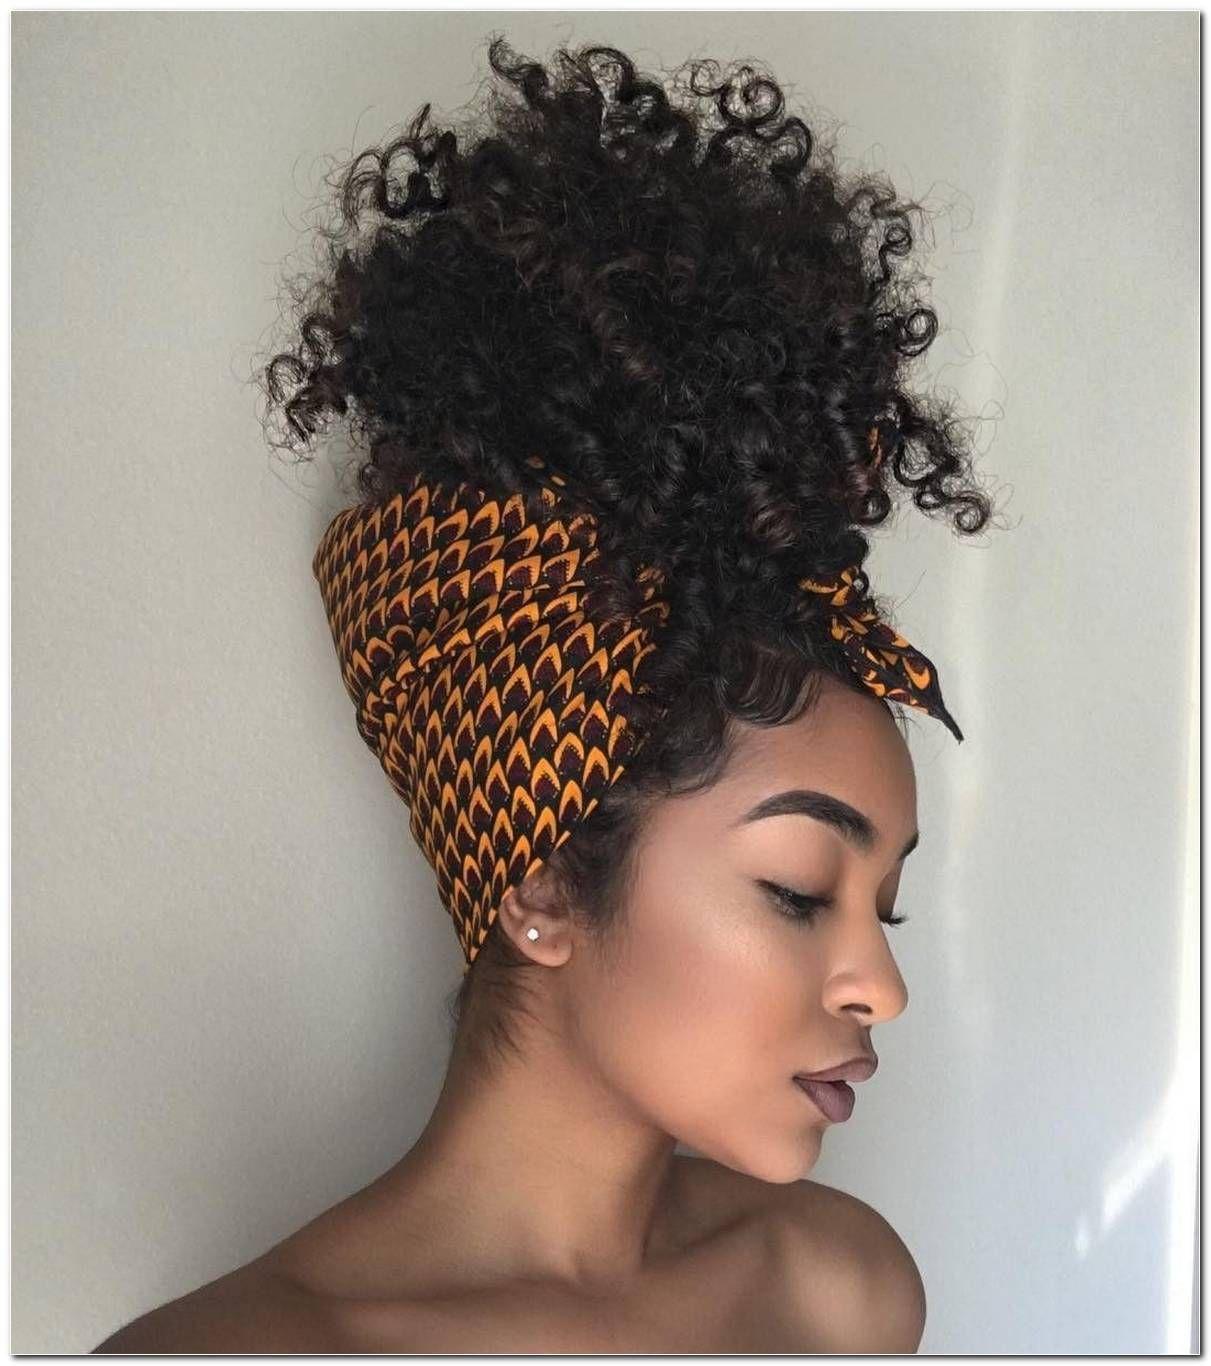 Ananas Frisur Locken In 2020 Curly Hair Photos Natural Hair Styles Curly Hair Styles